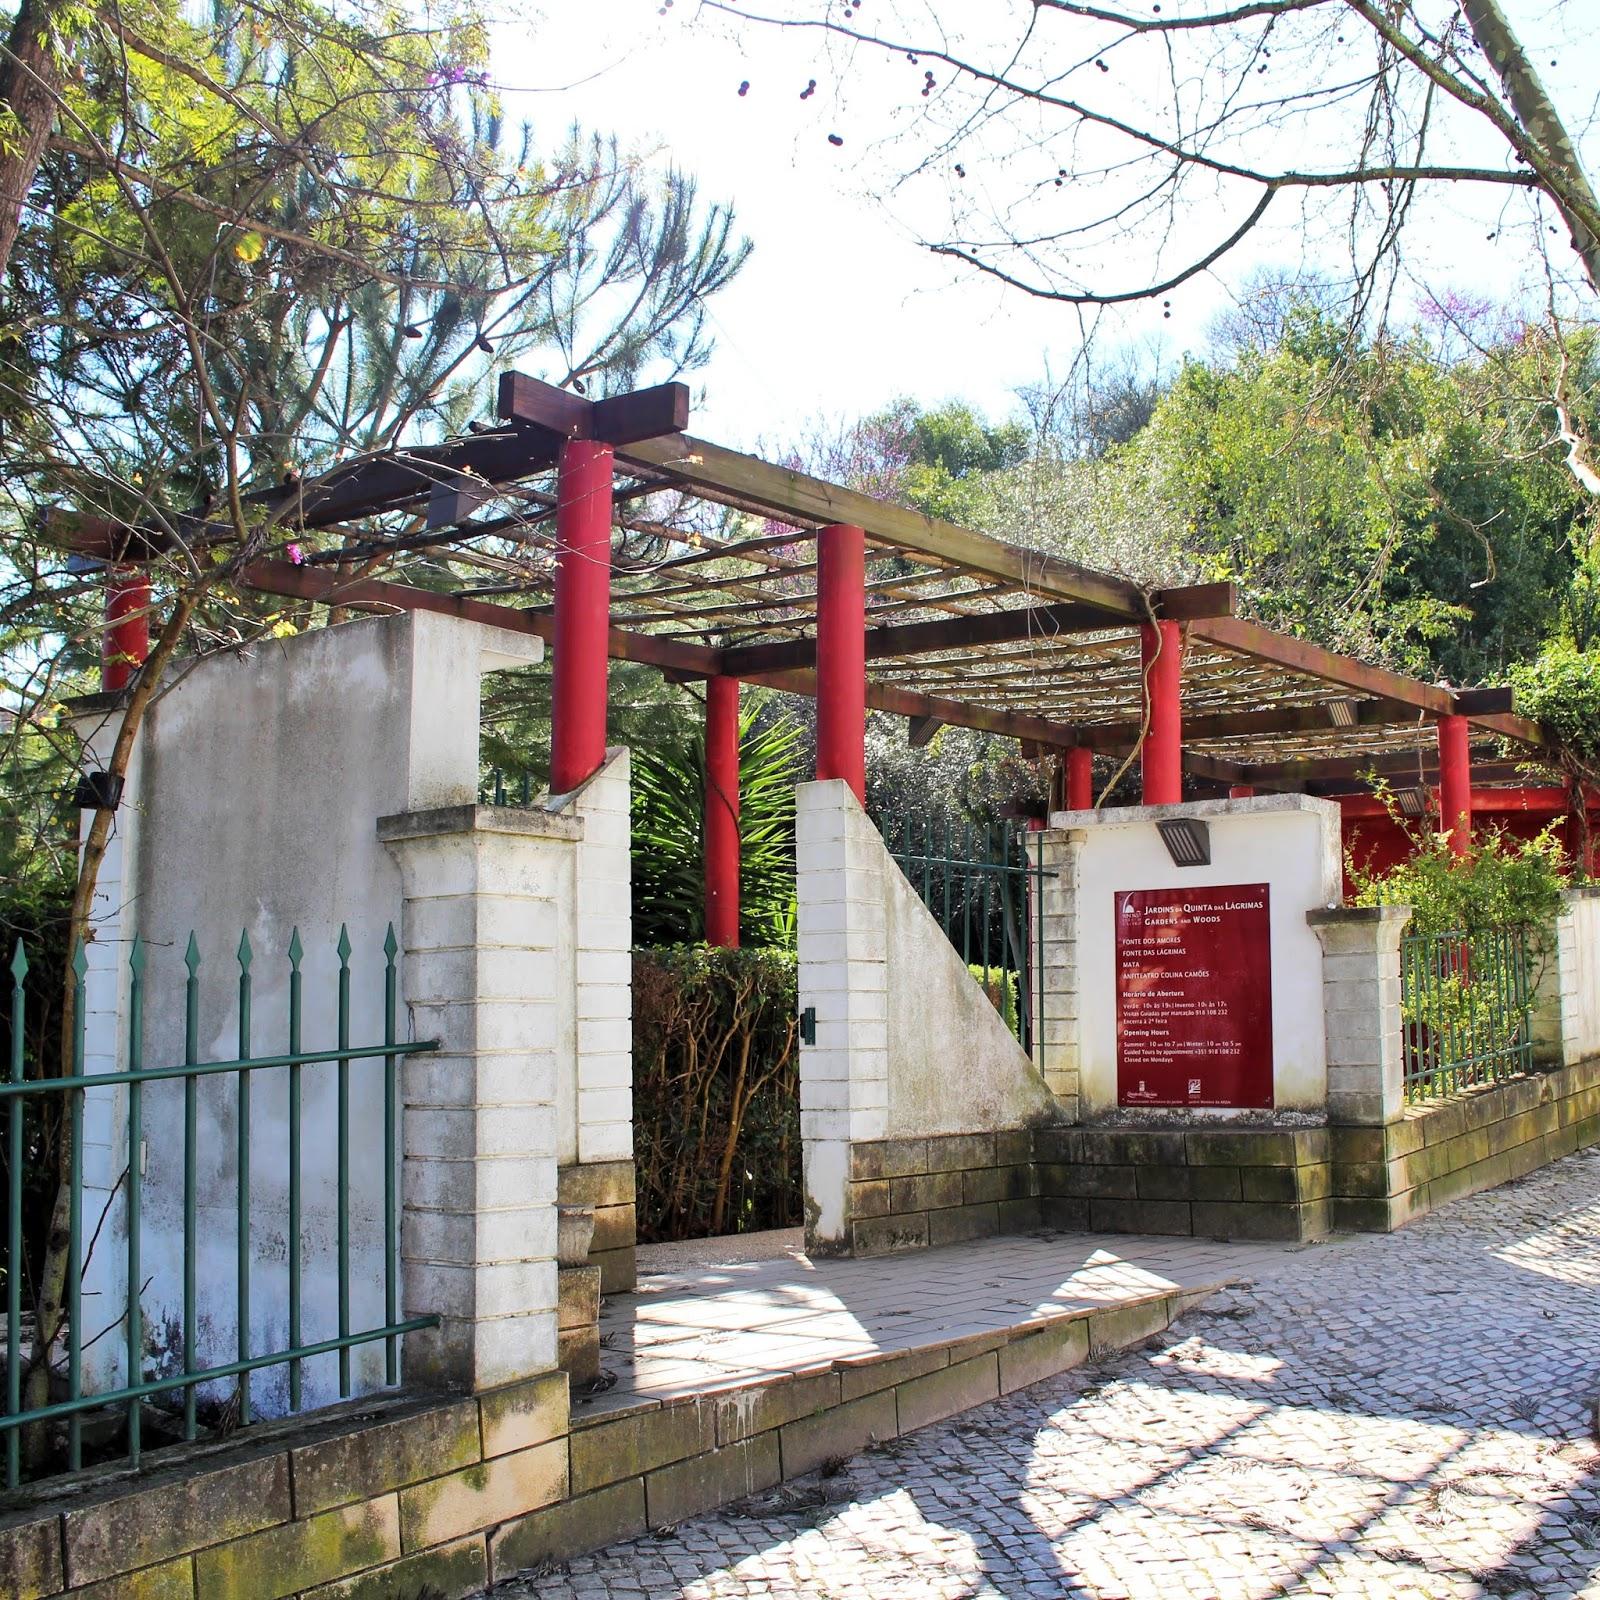 Entrada Quinta das Lágrimas, Coimbra